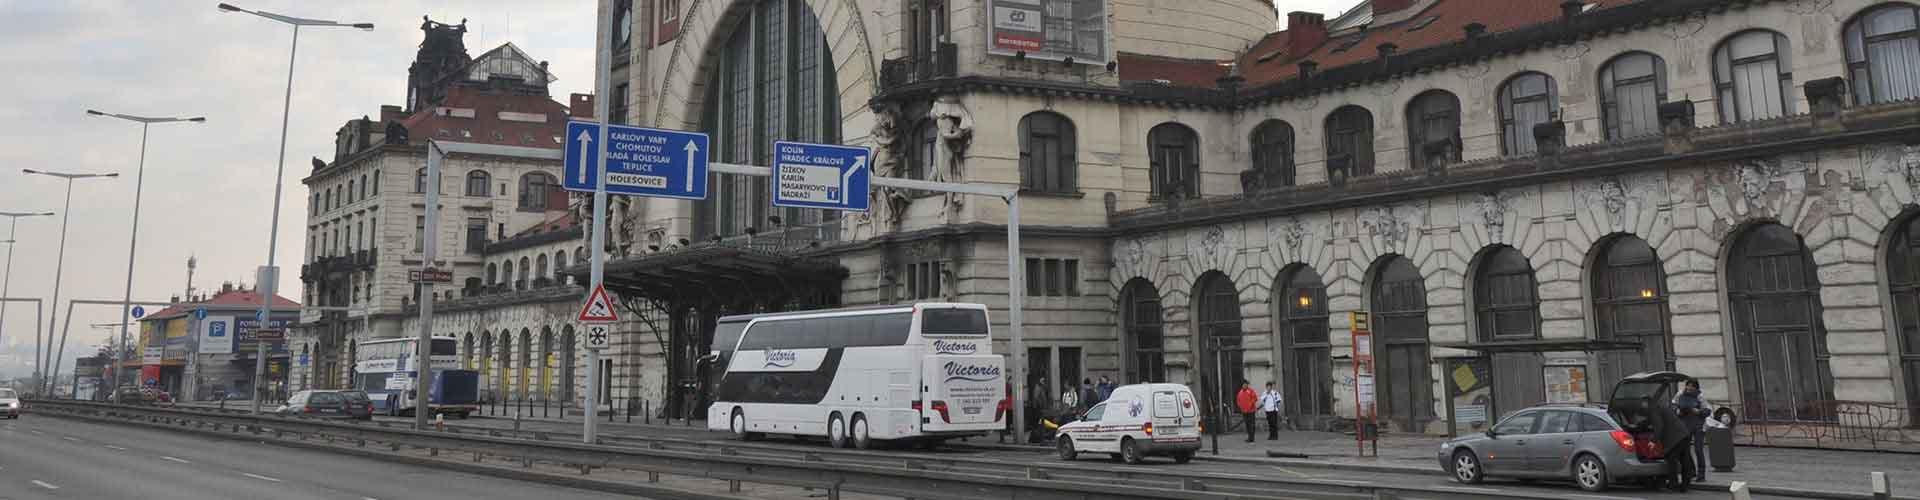 布拉格 – 布拉格总车站附近的公寓。布拉格地图,布拉格每间公寓的照片和评价。